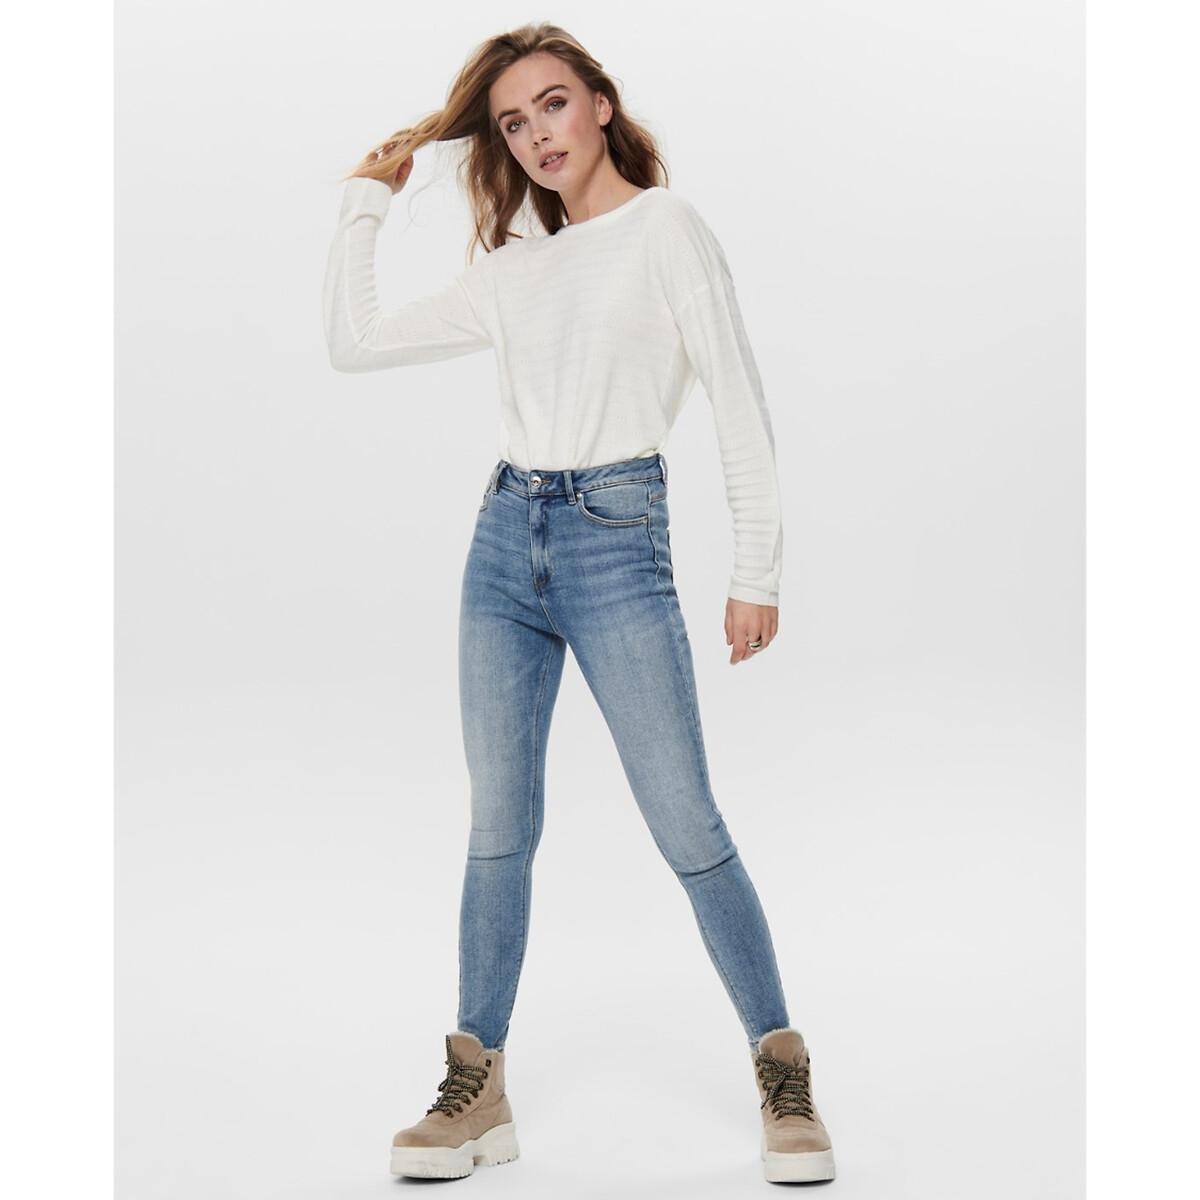 Пуловер La Redoute Из тонкого трикотажа с круглым вырезом XL бежевый